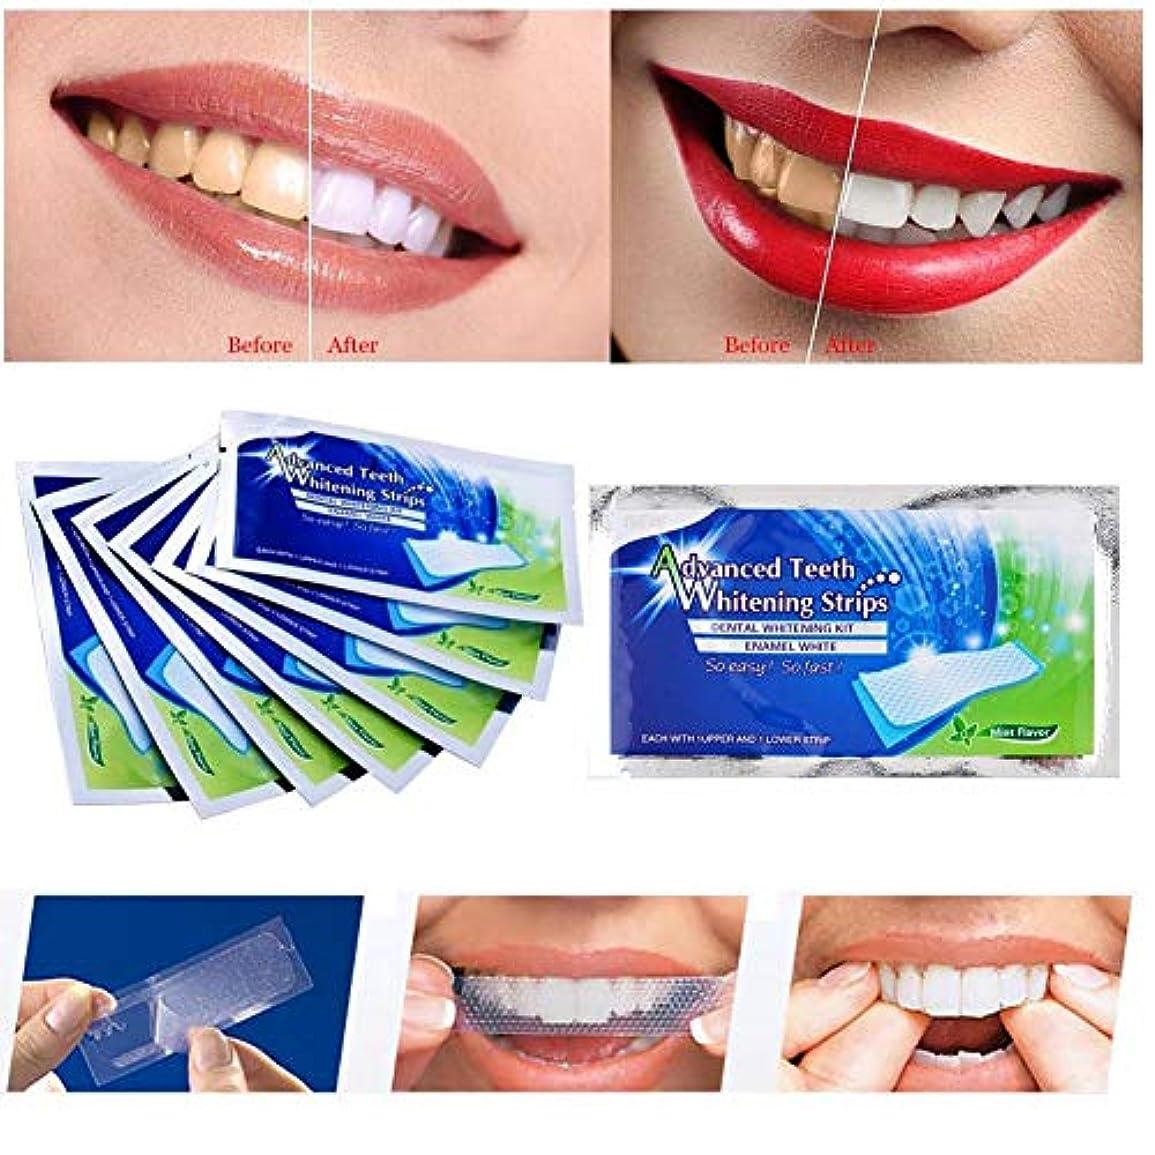 解決助言する回答(最高の品質と価格)20pcs(10bag)歯ホワイトニングストリップ歯科治療用の完璧なツール (Best Quality and Price) 20pcs (10bag) Teeth Whitening Strips...